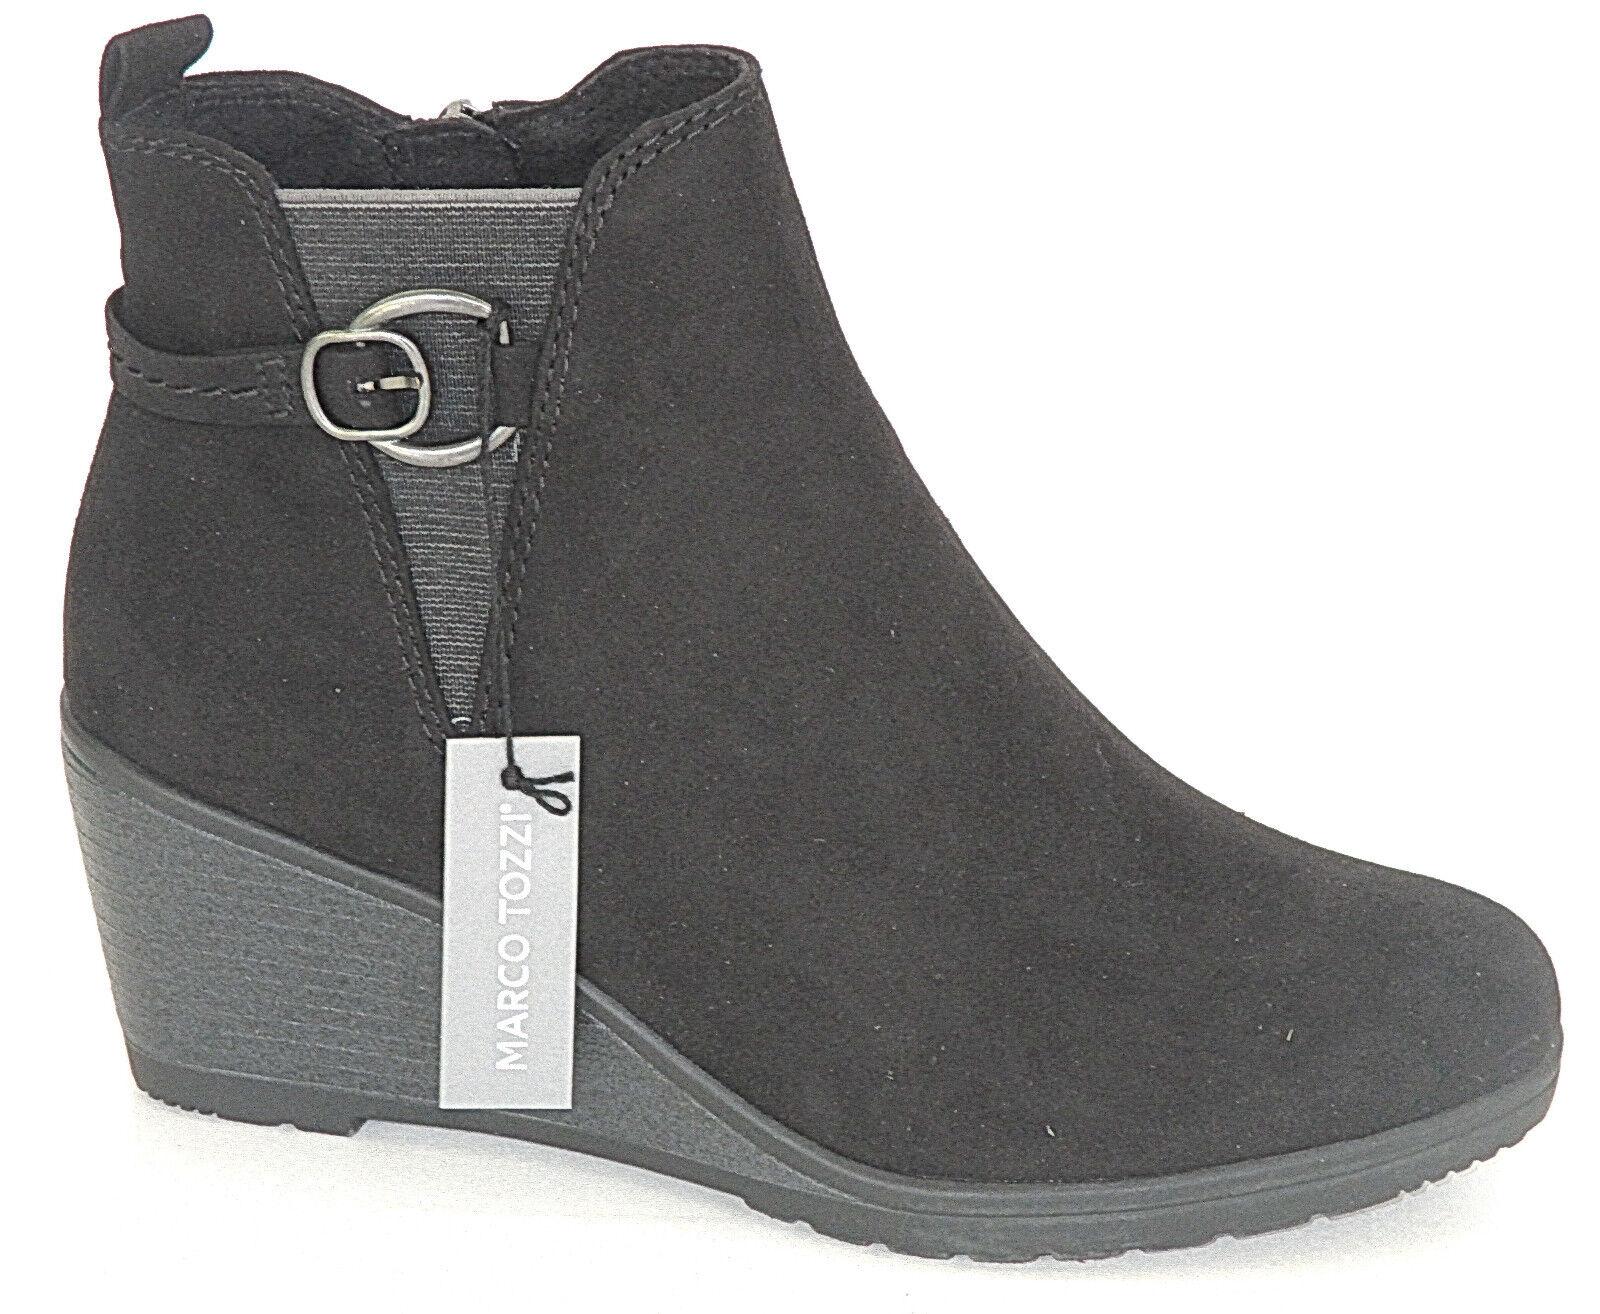 Marco Tozzi Tozzi Tozzi Zapatos señora botín con cuña-párrafo, 2-25042-21 +++ nuevo +++  ordenar ahora